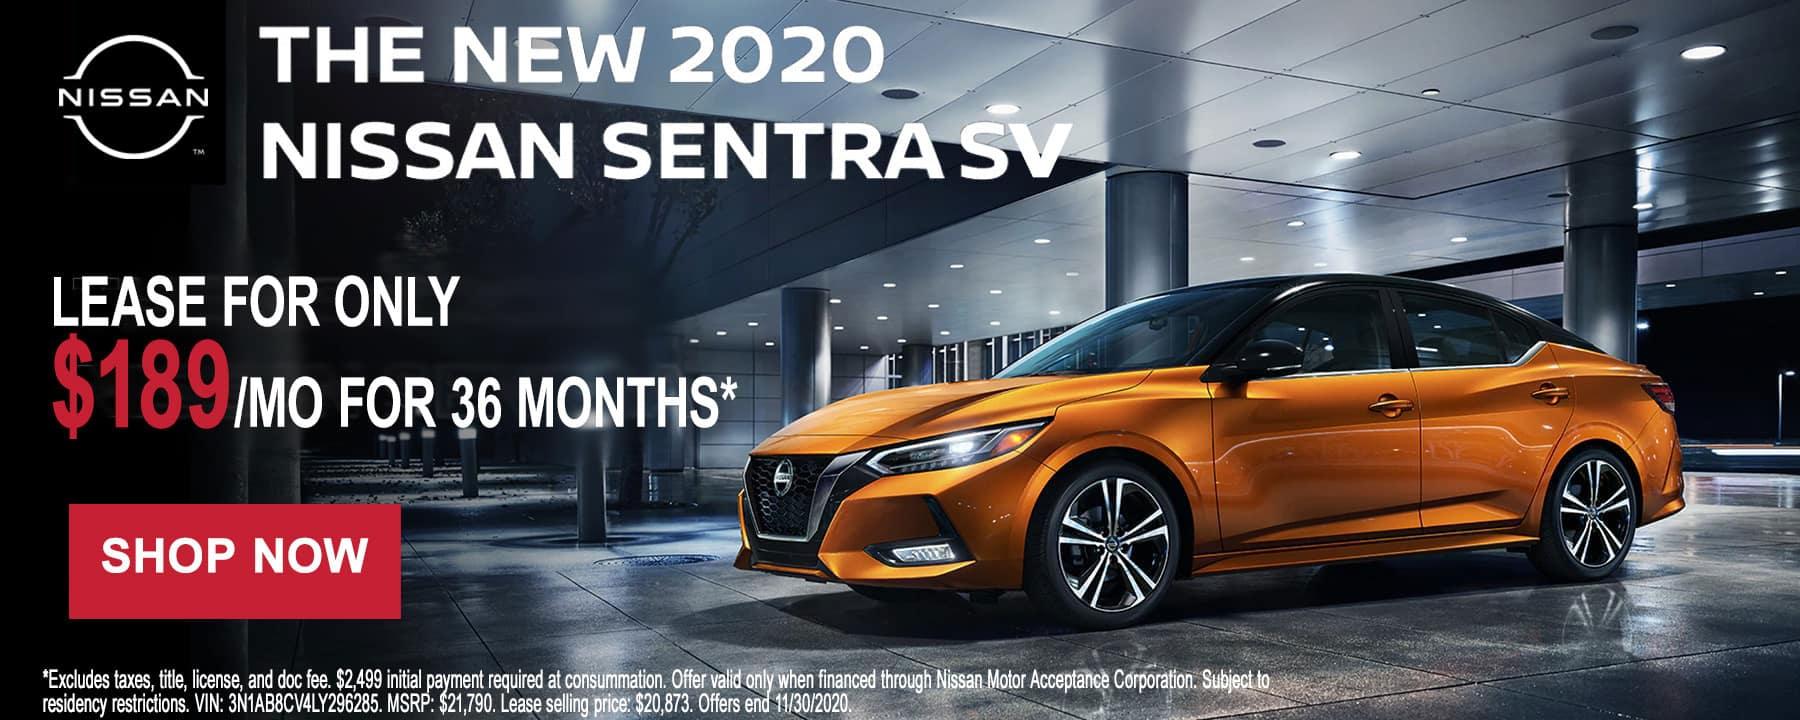 2020 Nissan Sentra November Lease Offer at Star Nissan